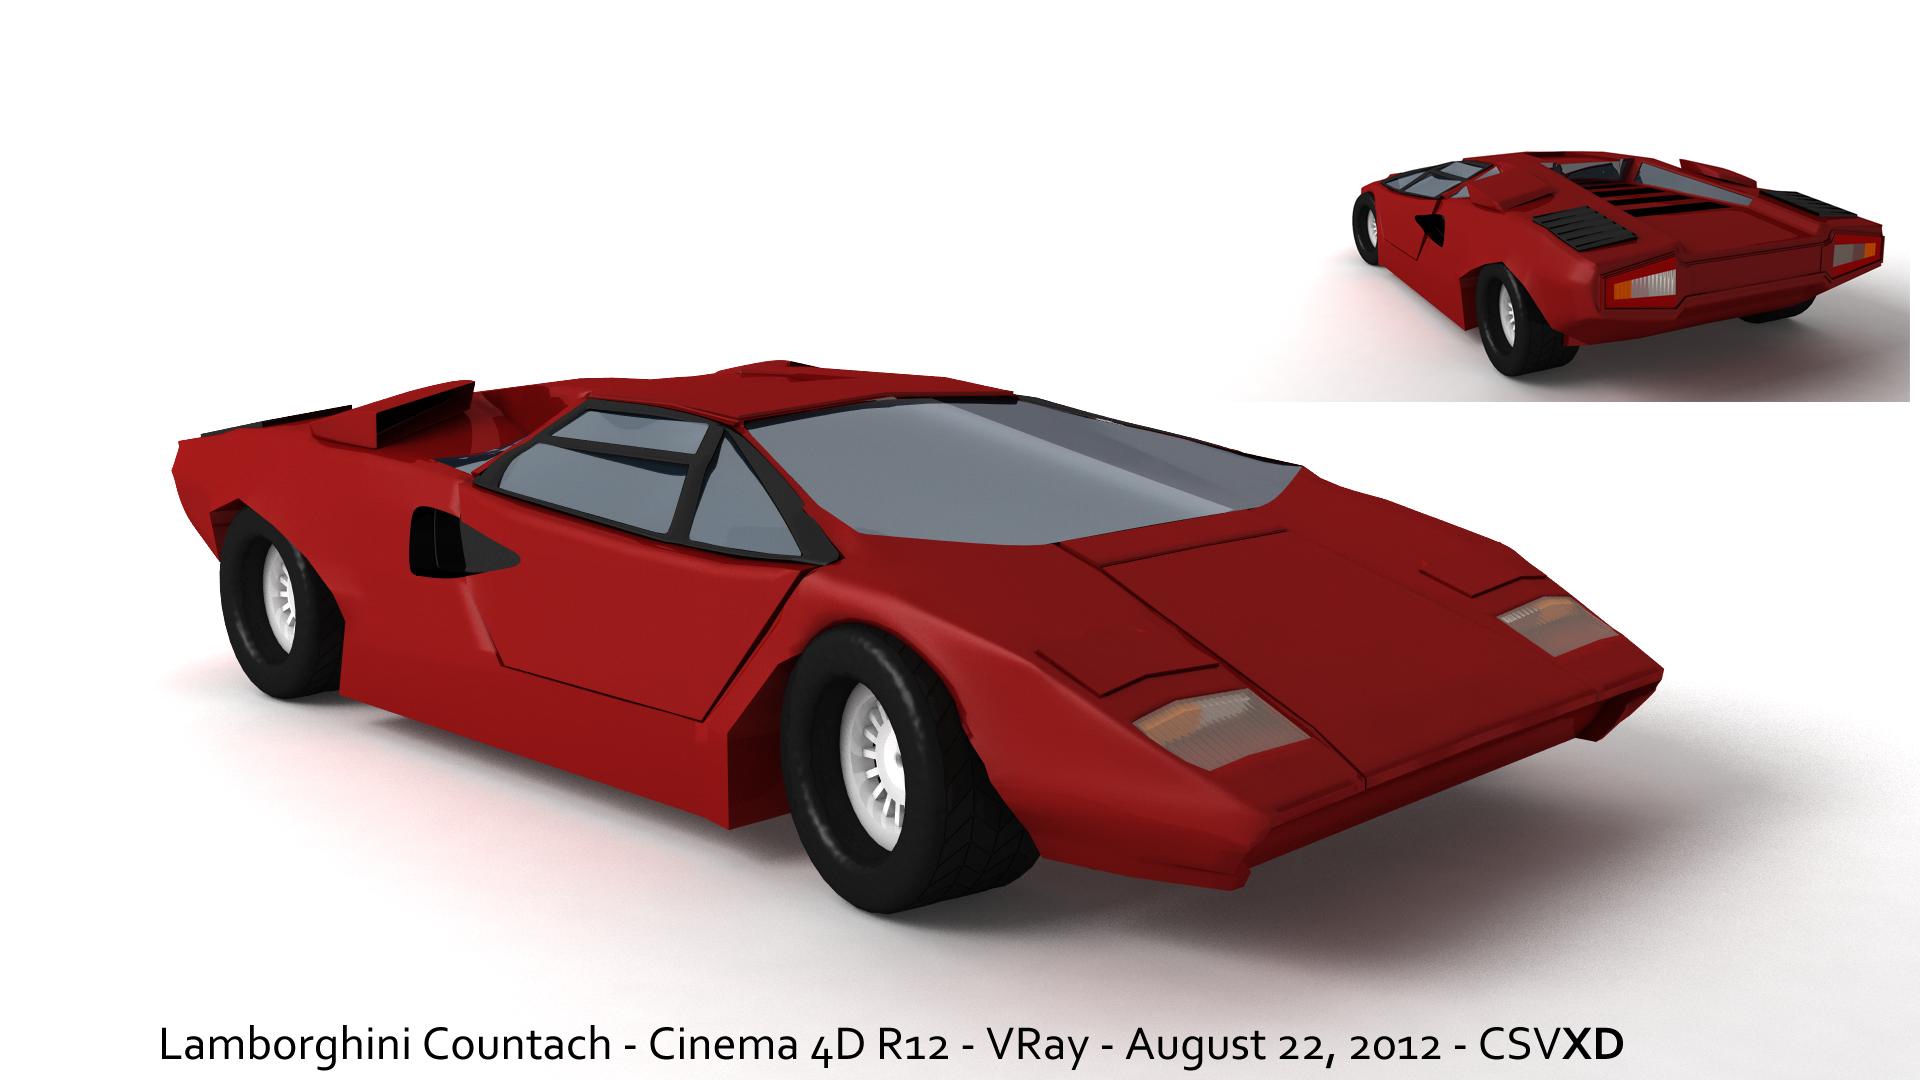 _vray_4_c4d__lamborghini_countach_by_collanitysv-d5c3ttr Marvelous Lamborghini Countach Nfs Hot Pursuit Cars Trend